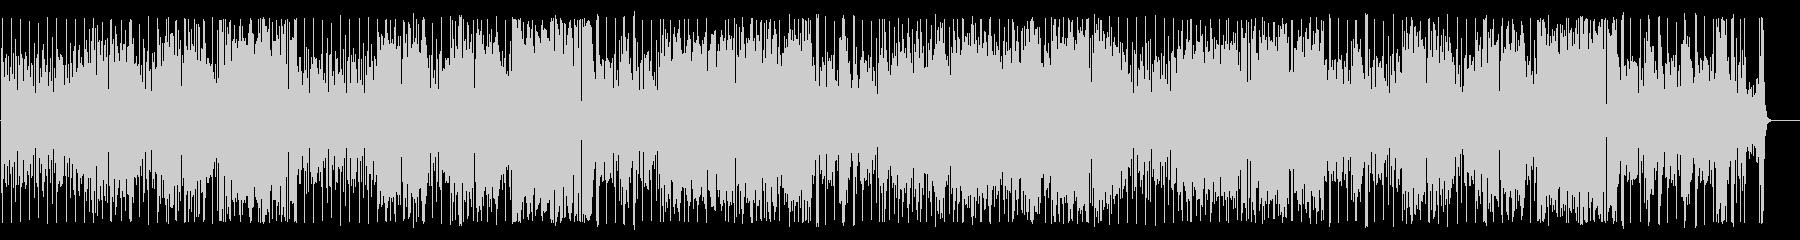 スラップベースとブラスでゴリゴリファンクの未再生の波形